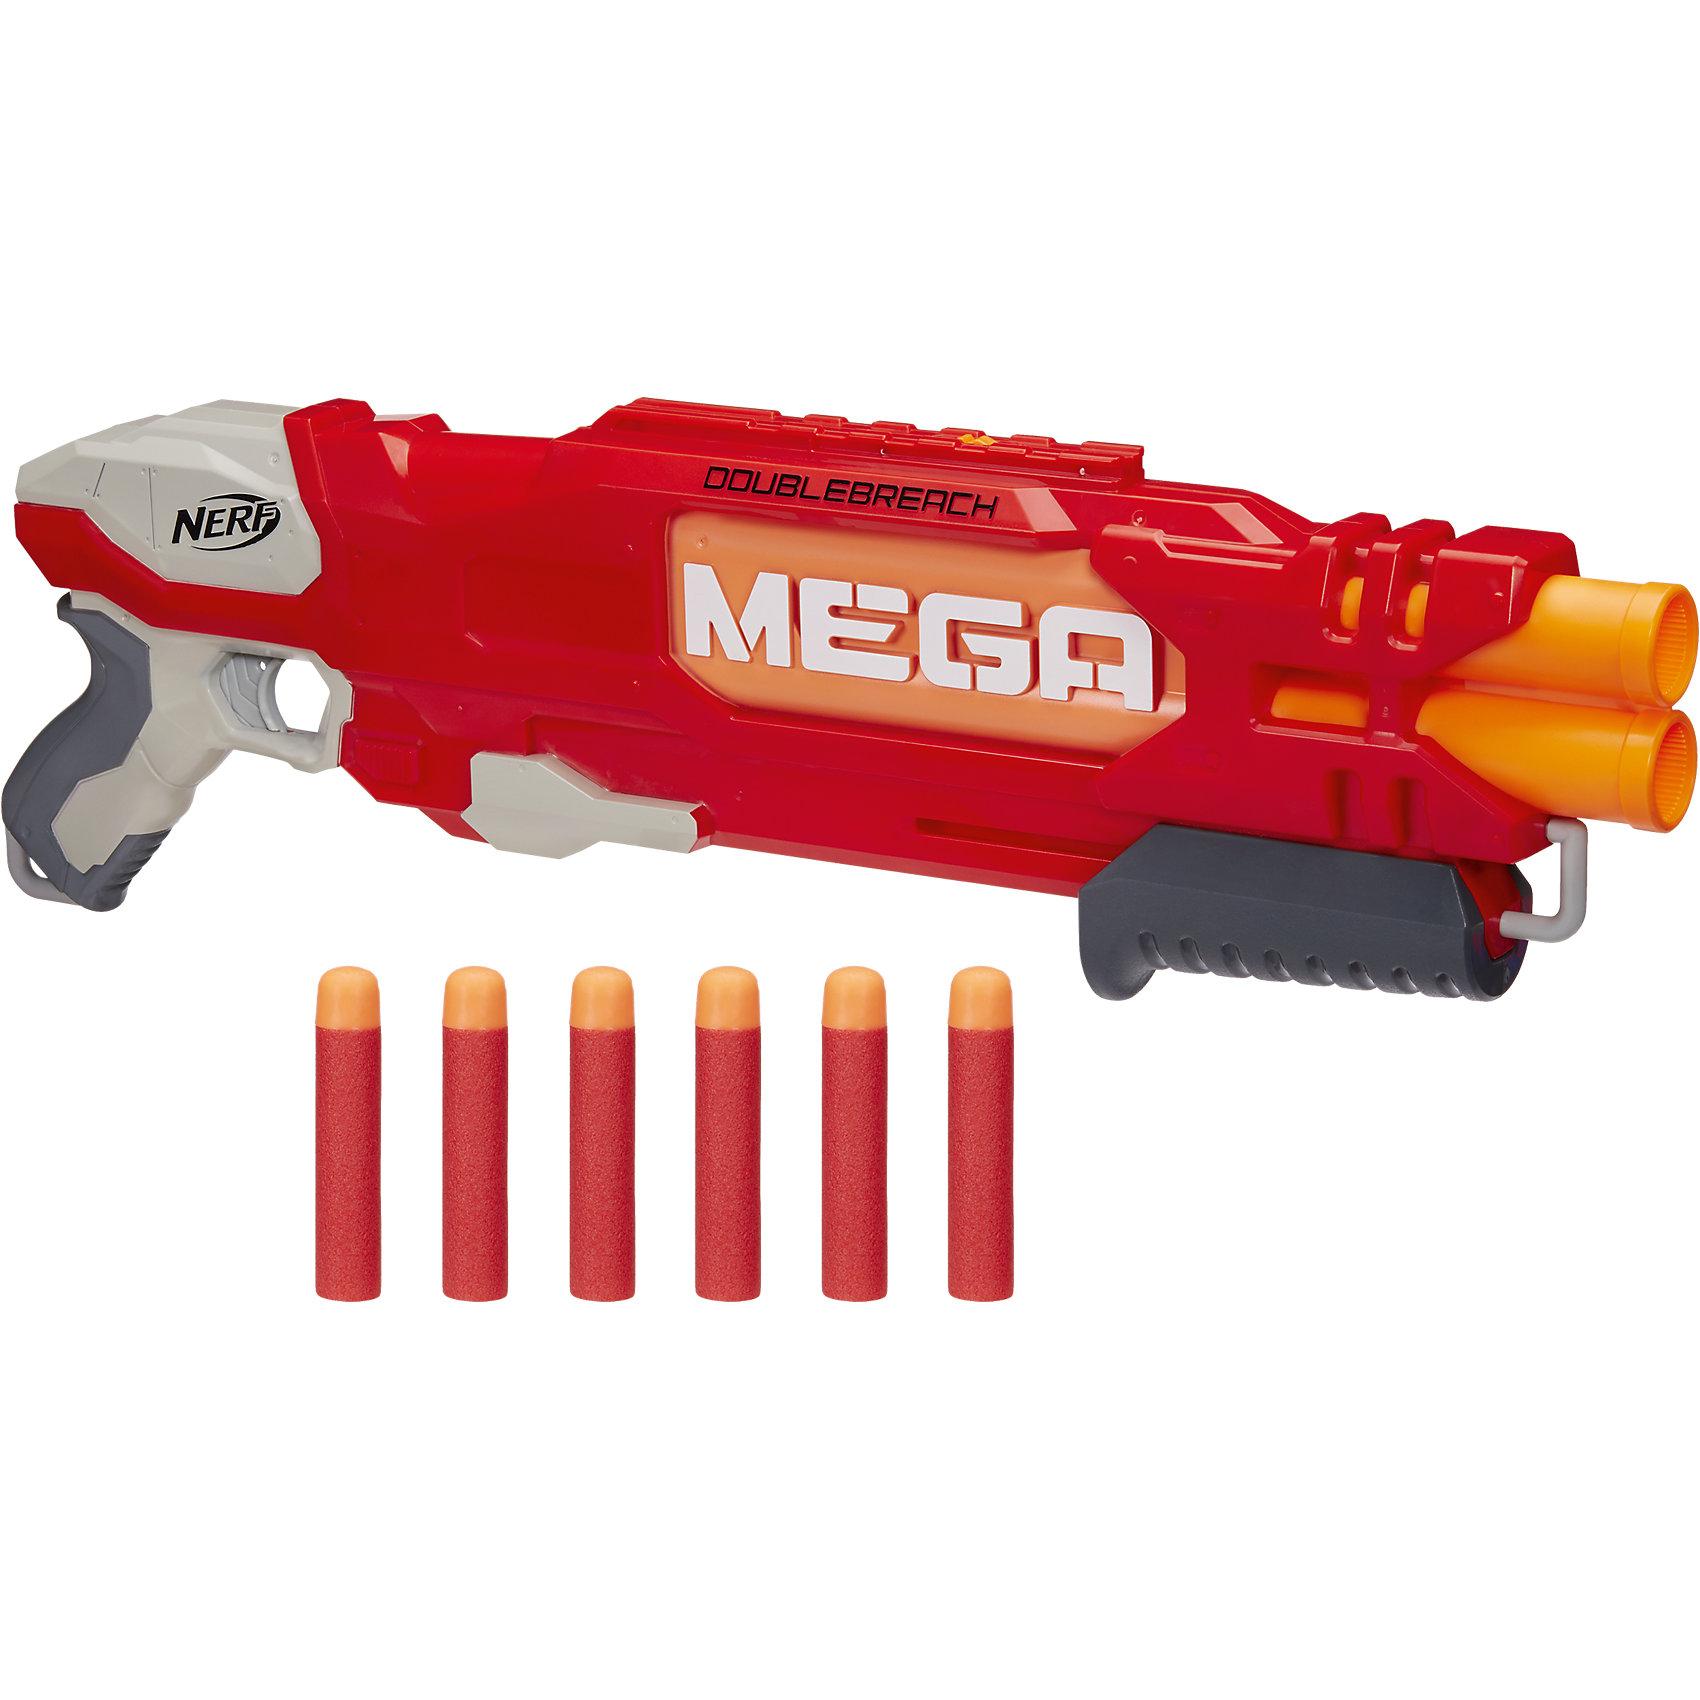 Бластер Hasbro Nerf Mega ДаблбричБластеры, пистолеты и прочее<br>Характеристики товара:<br><br>• возраст: от 8 лет;<br>• материал: пластик;<br>• в комплекте: бластер, 6 стрел, инструкция;<br>• дальность стрельбы: 23 метра;<br>• размер упаковки: 30,5х60,6х6 см;<br>• вес упаковки: 1,15 кг;<br>• страна производитель: Китай.<br><br>Бластер «Даблбрич» Nerf Hasbro — увлекательное оружие, которое позволит мальчишкам придумать невероятные сюжеты для игры и устроить настоящие сражения. Бластер можно использовать как дома, так и разнообразить игры на свежем воздухе. Бластер отличается небольшим весом. Благодаря удобной рукоятке его легко держать в руках, и он не выскальзывает.<br><br>В набор входят 6 снарядов. У бластера сразу 2 дула, из которых одновременно могут лететь 2 снаряда. При выстреле слышен свистящий звук. Стрелы способны лететь на расстояние до 23 метров. Каждая стрела имеет специальную мягкую поролоновую оболочку, которая защищает от случайных повреждений.<br><br>Бластер «Даблбрич» Nerf Hasbro B9789 можно приобрести в нашем интернет-магазине.<br><br>Ширина мм: 609<br>Глубина мм: 309<br>Высота мм: 63<br>Вес г: 1020<br>Возраст от месяцев: 96<br>Возраст до месяцев: 2147483647<br>Пол: Мужской<br>Возраст: Детский<br>SKU: 5104314